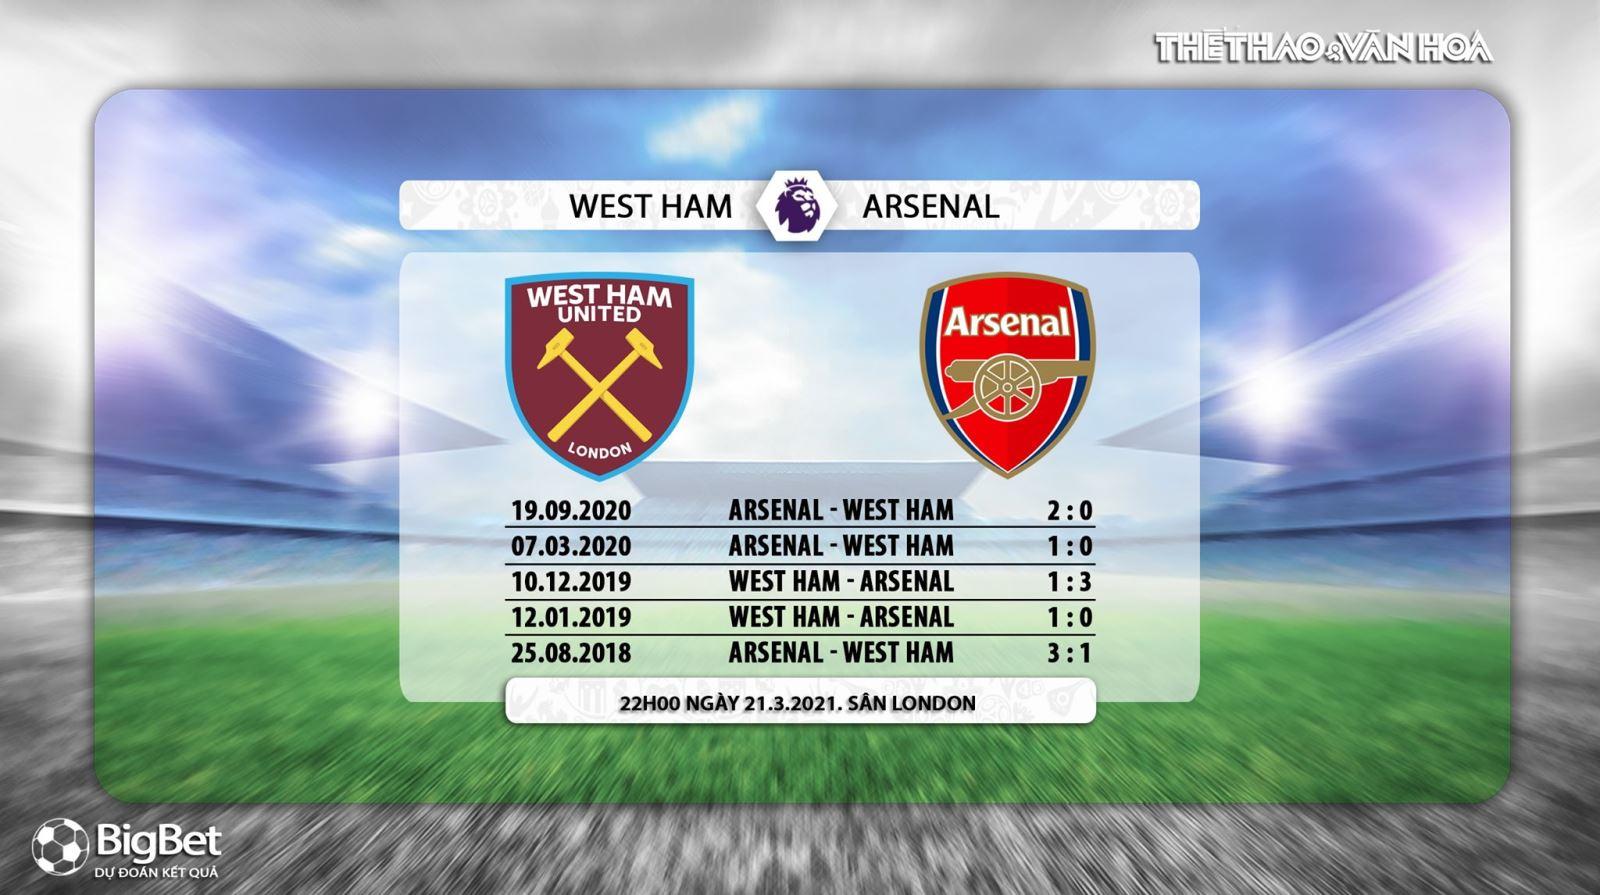 Keo nha cai, Kèo nhà cái, West Ham vs Arsenal, K+, K+PM trực tiếp bóng đá Anh, Xem K+, xem trực tiếp Arsenal đấu với West Ham, trực tiếp Ngoại hạng Anh vòng 29